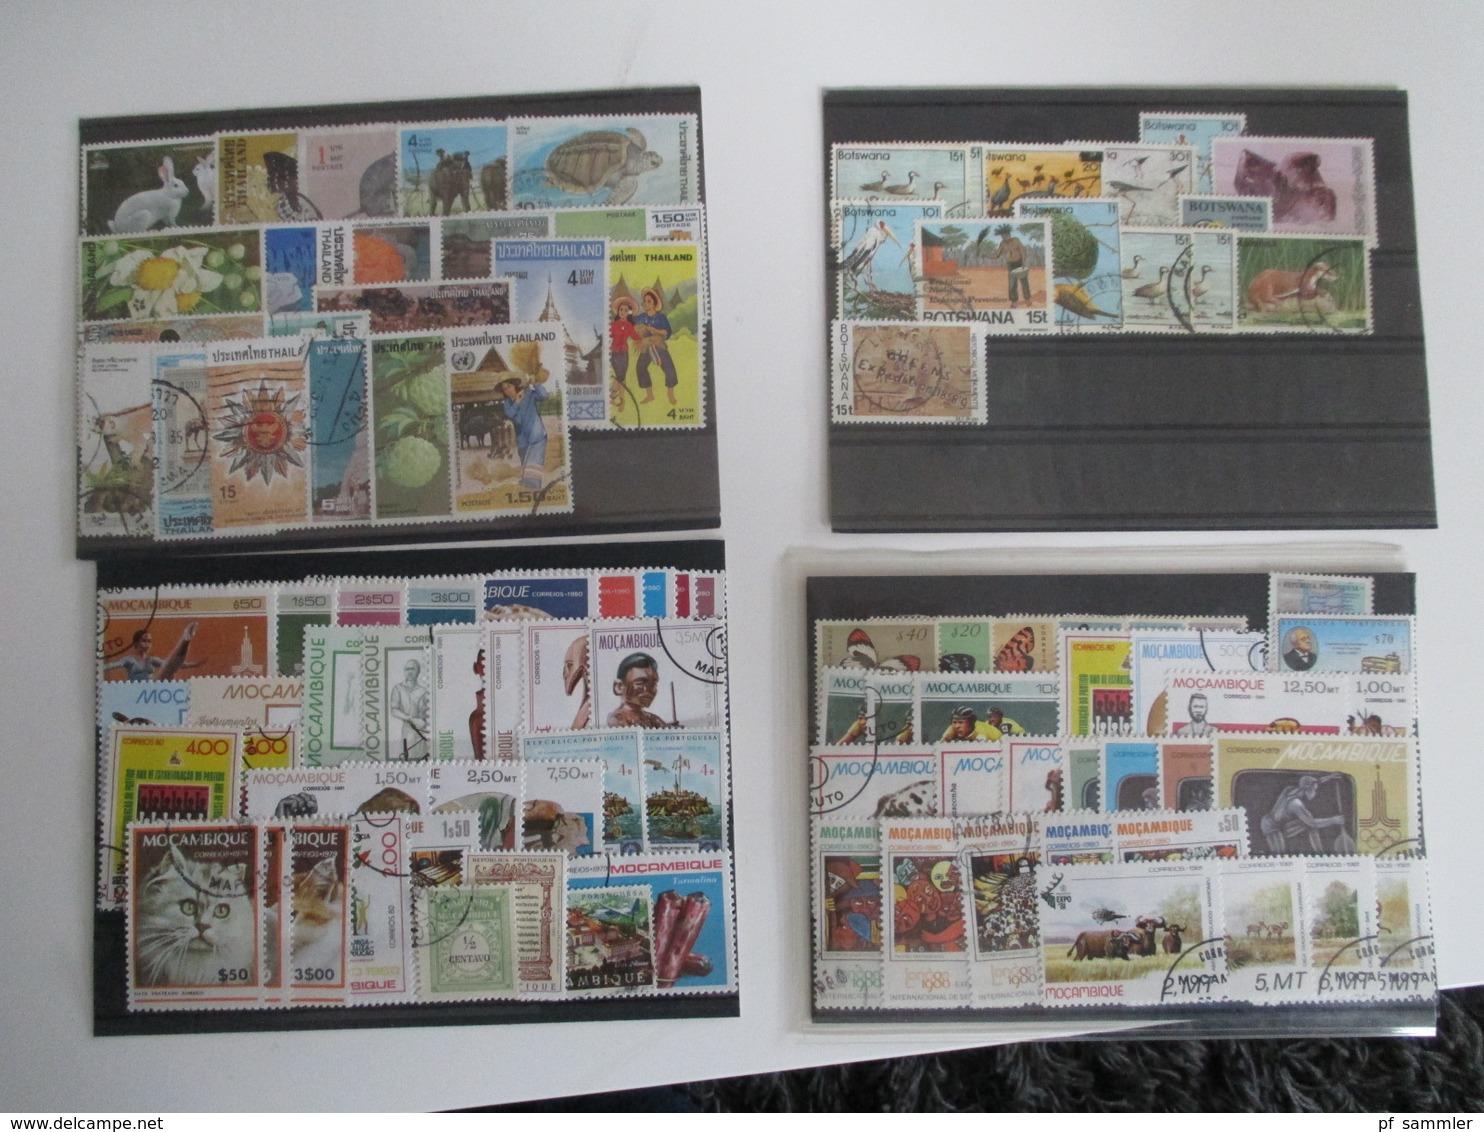 Steckkarten Posten 300 Stk.Europa - Übersee Viel GB / Frankreich Kolonien Mit Afrika Usw. Alt - Neu Mehr Als 3000 Marken - Sammlungen (im Alben)